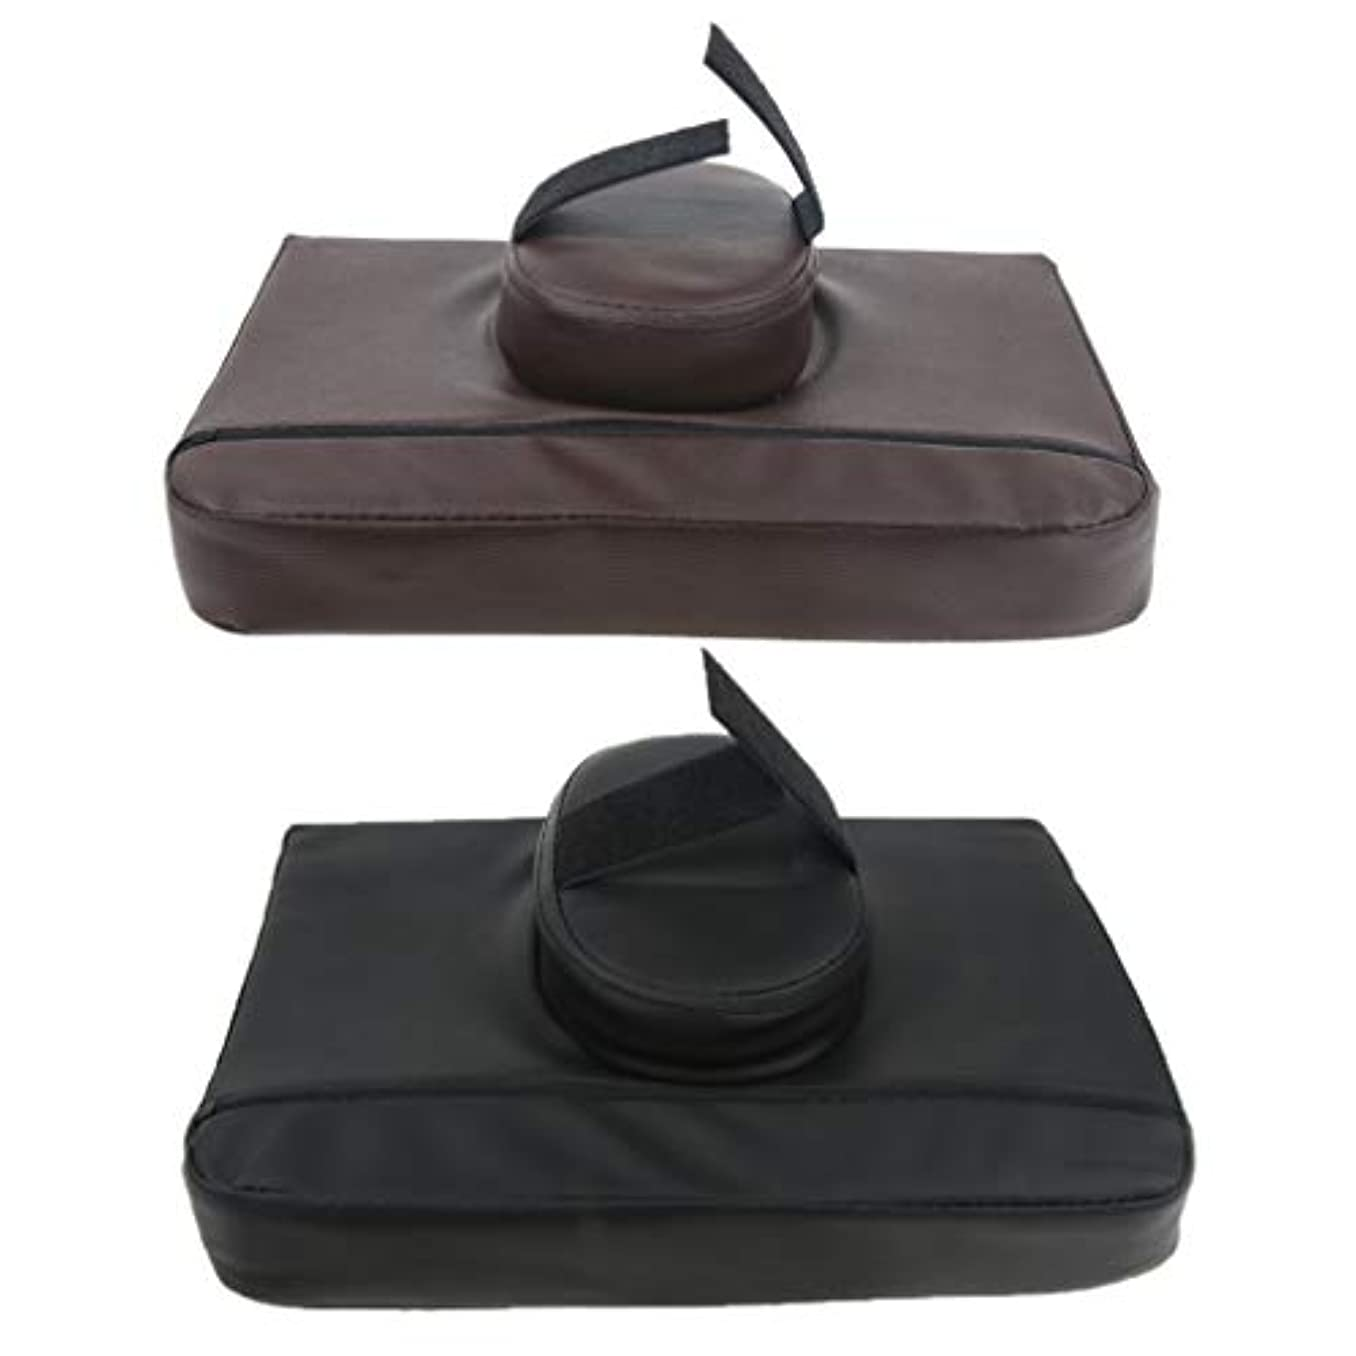 高齢者優雅代わりのマッサージ枕 マッサージピロー スクエア マッサージテーブル用クッション 通気性 快適 実用的 2個